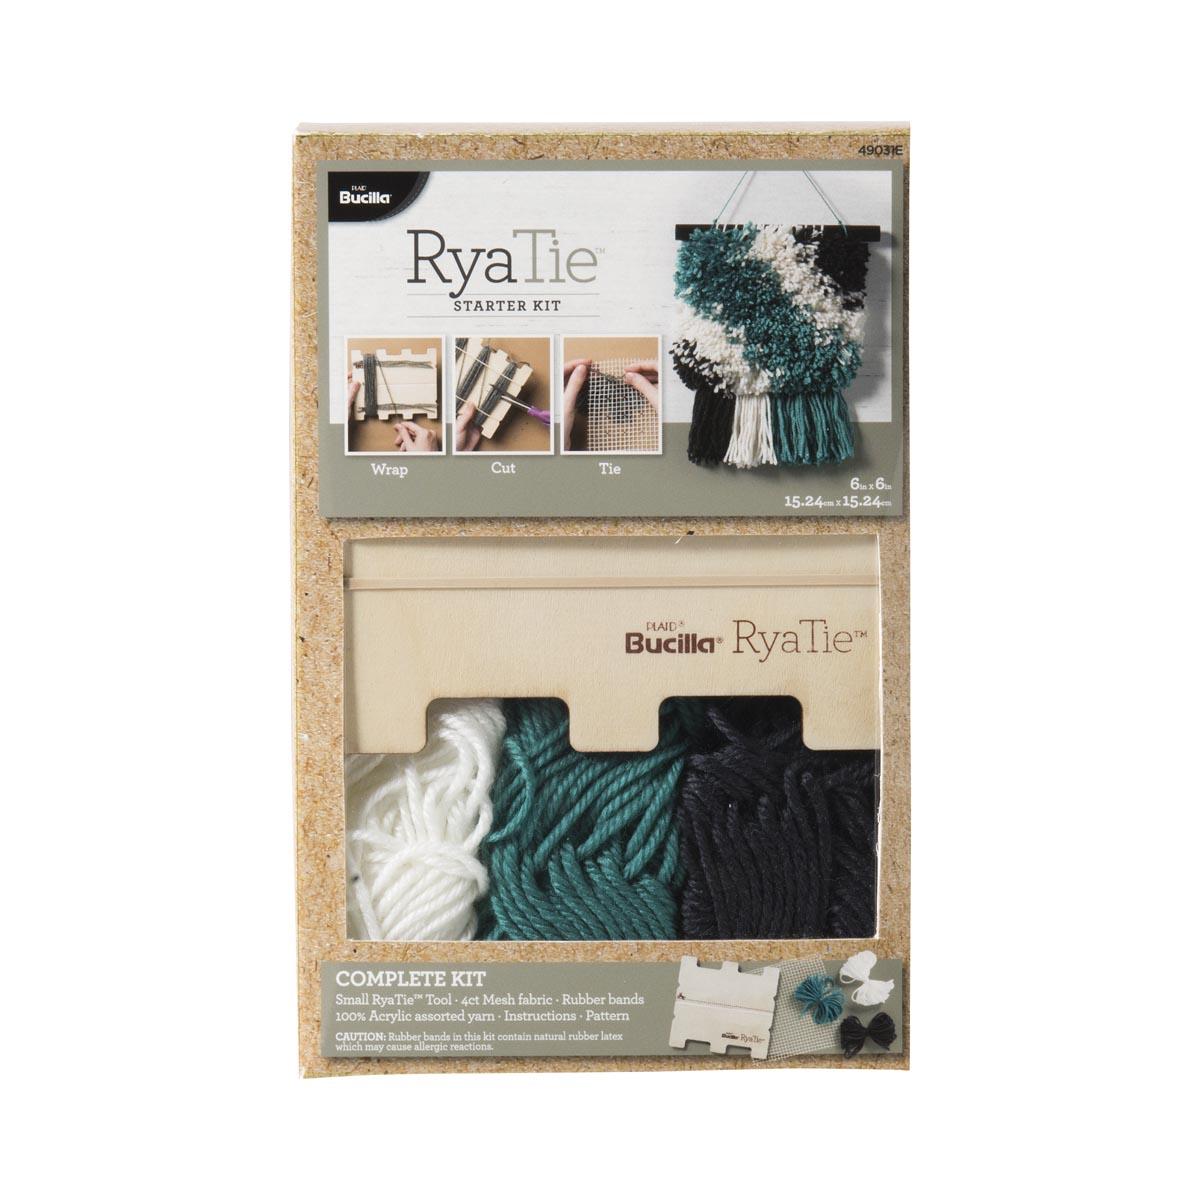 Bucilla ® RyaTie™ Starter Kit